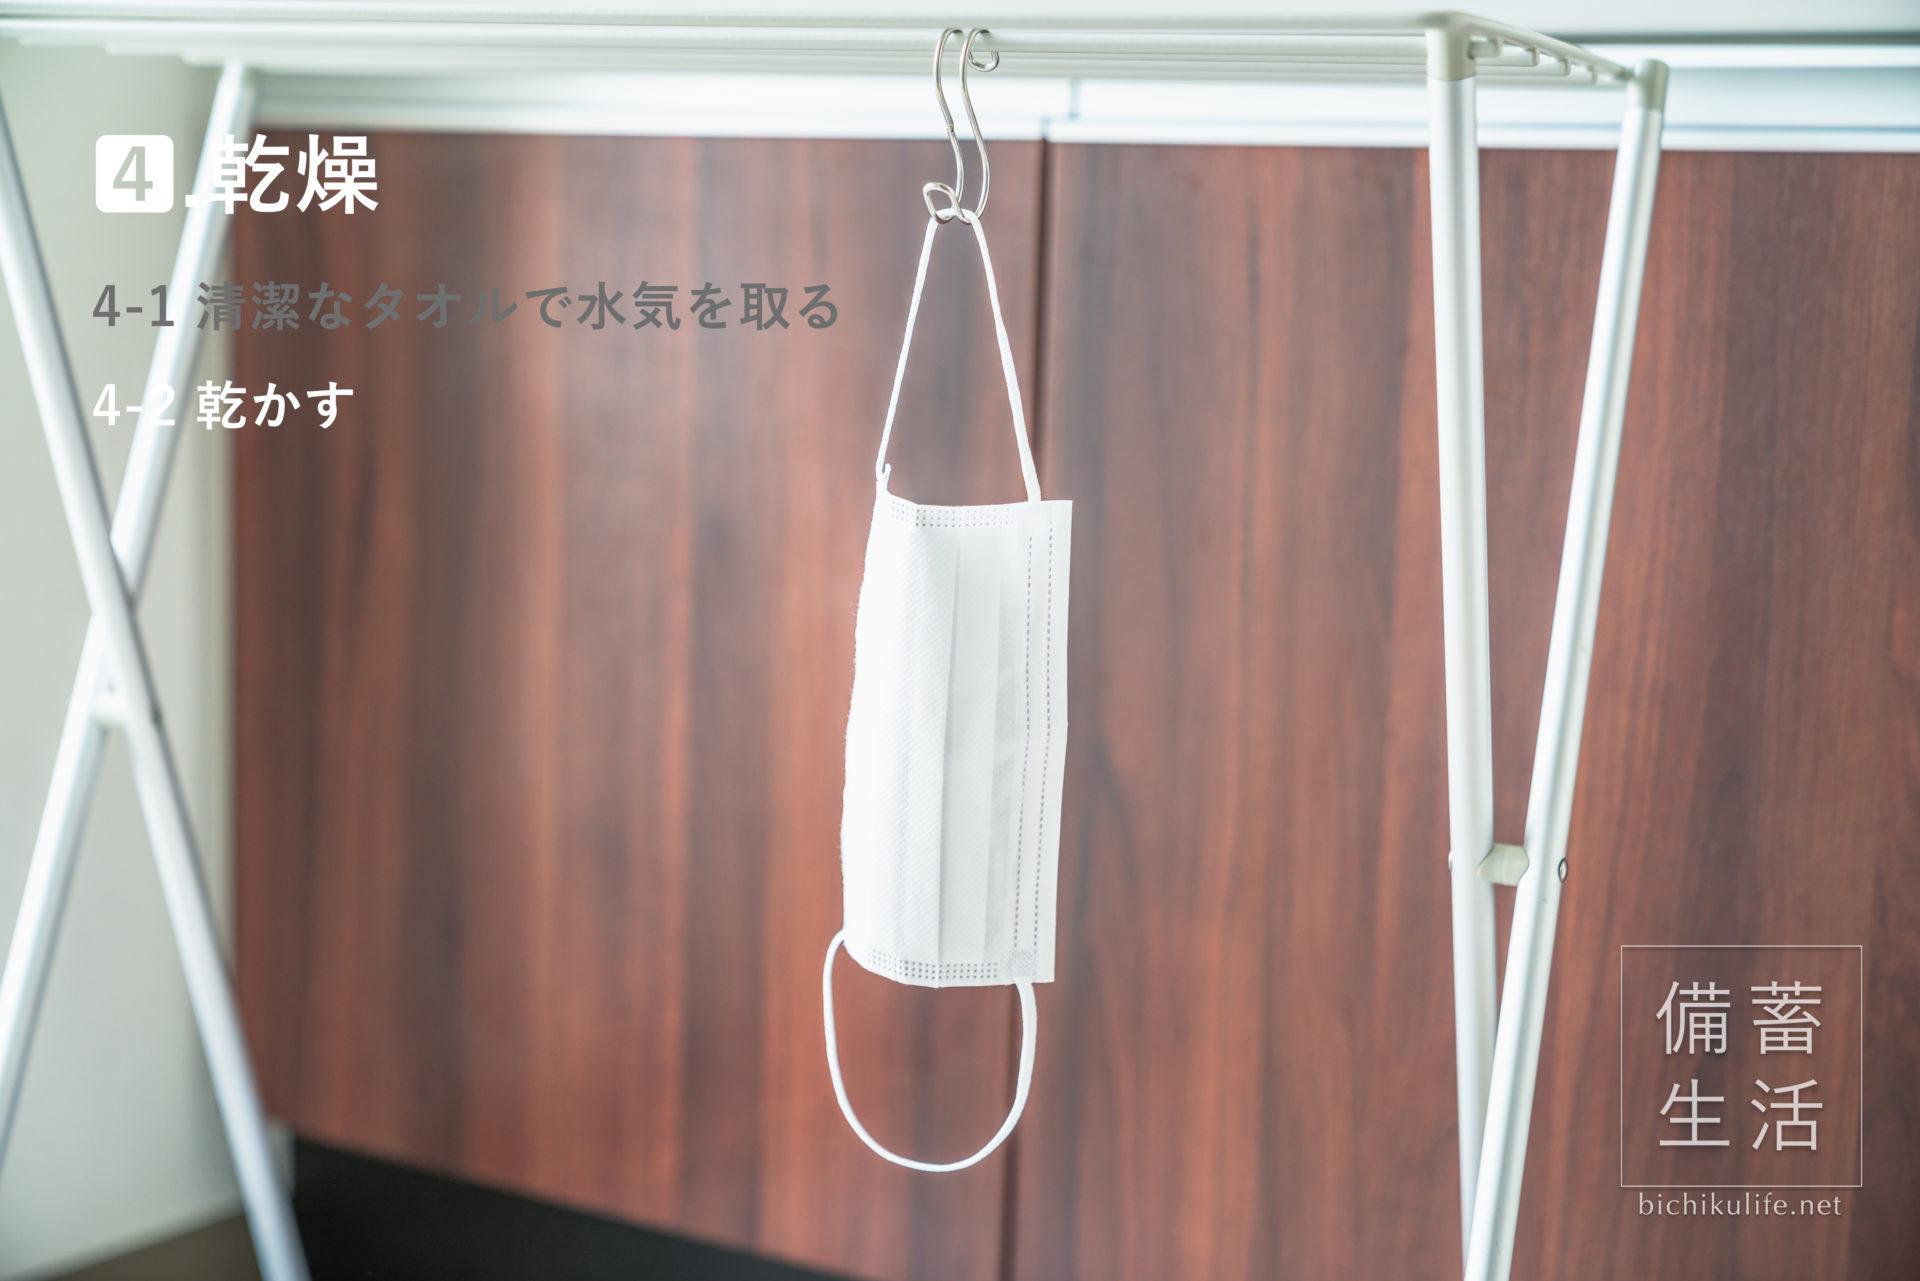 不織布マスクの洗濯方法 4.乾燥 4-2 乾かす